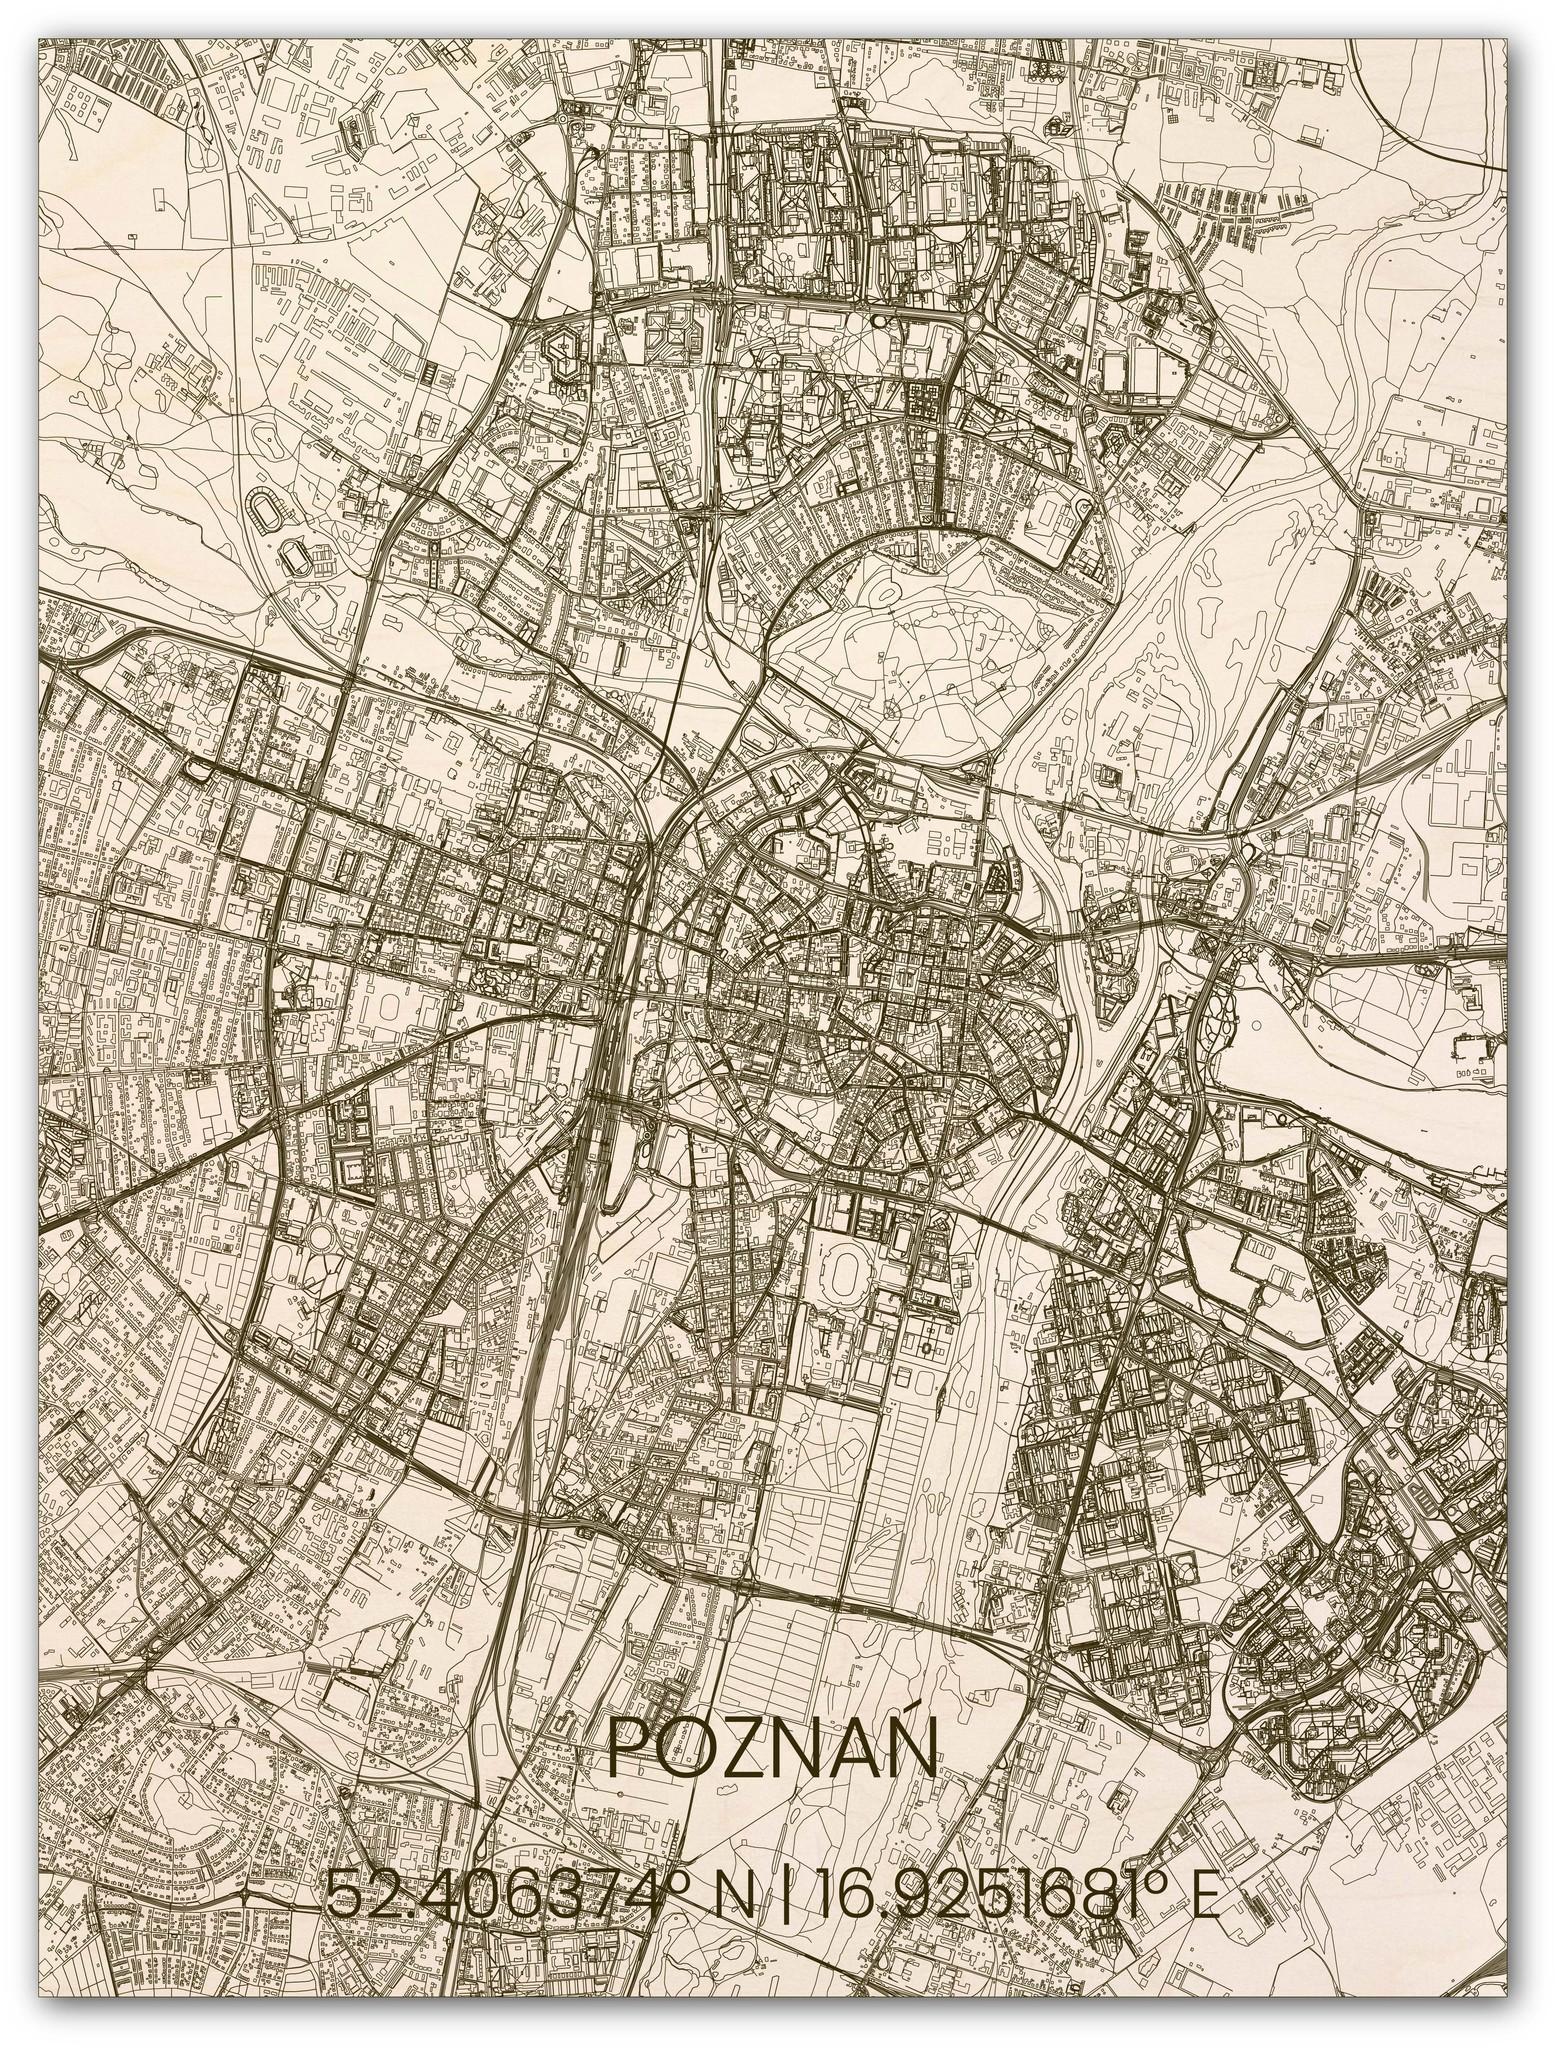 Houten stadsplattegrond Poznań-1